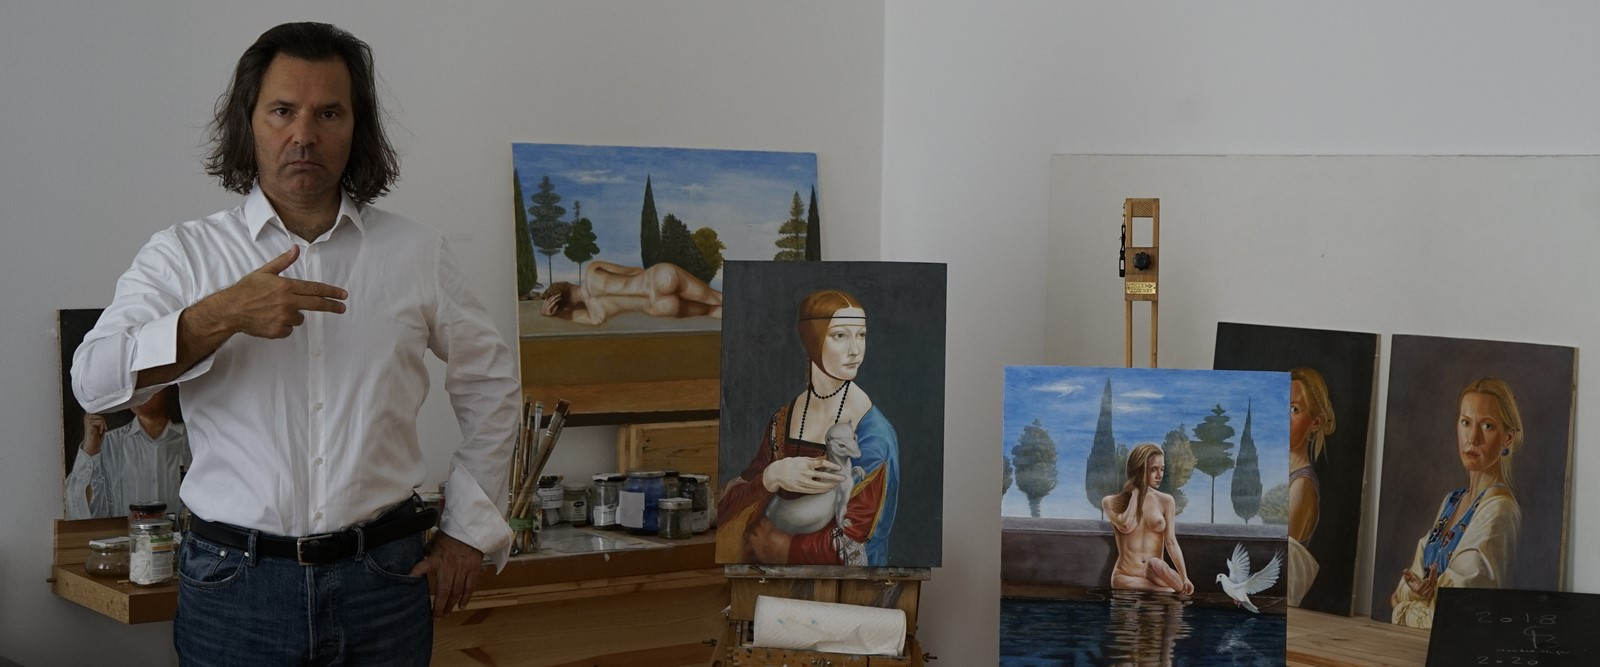 Stan Bert Singer ist ein zeitgenössischer österreichischer Maler. Bekannt ist er vor allem durch seine Werke über Gewaltästhetik und Frauen - oft in erotischenPosen. (Foto Stan Bert Singer)